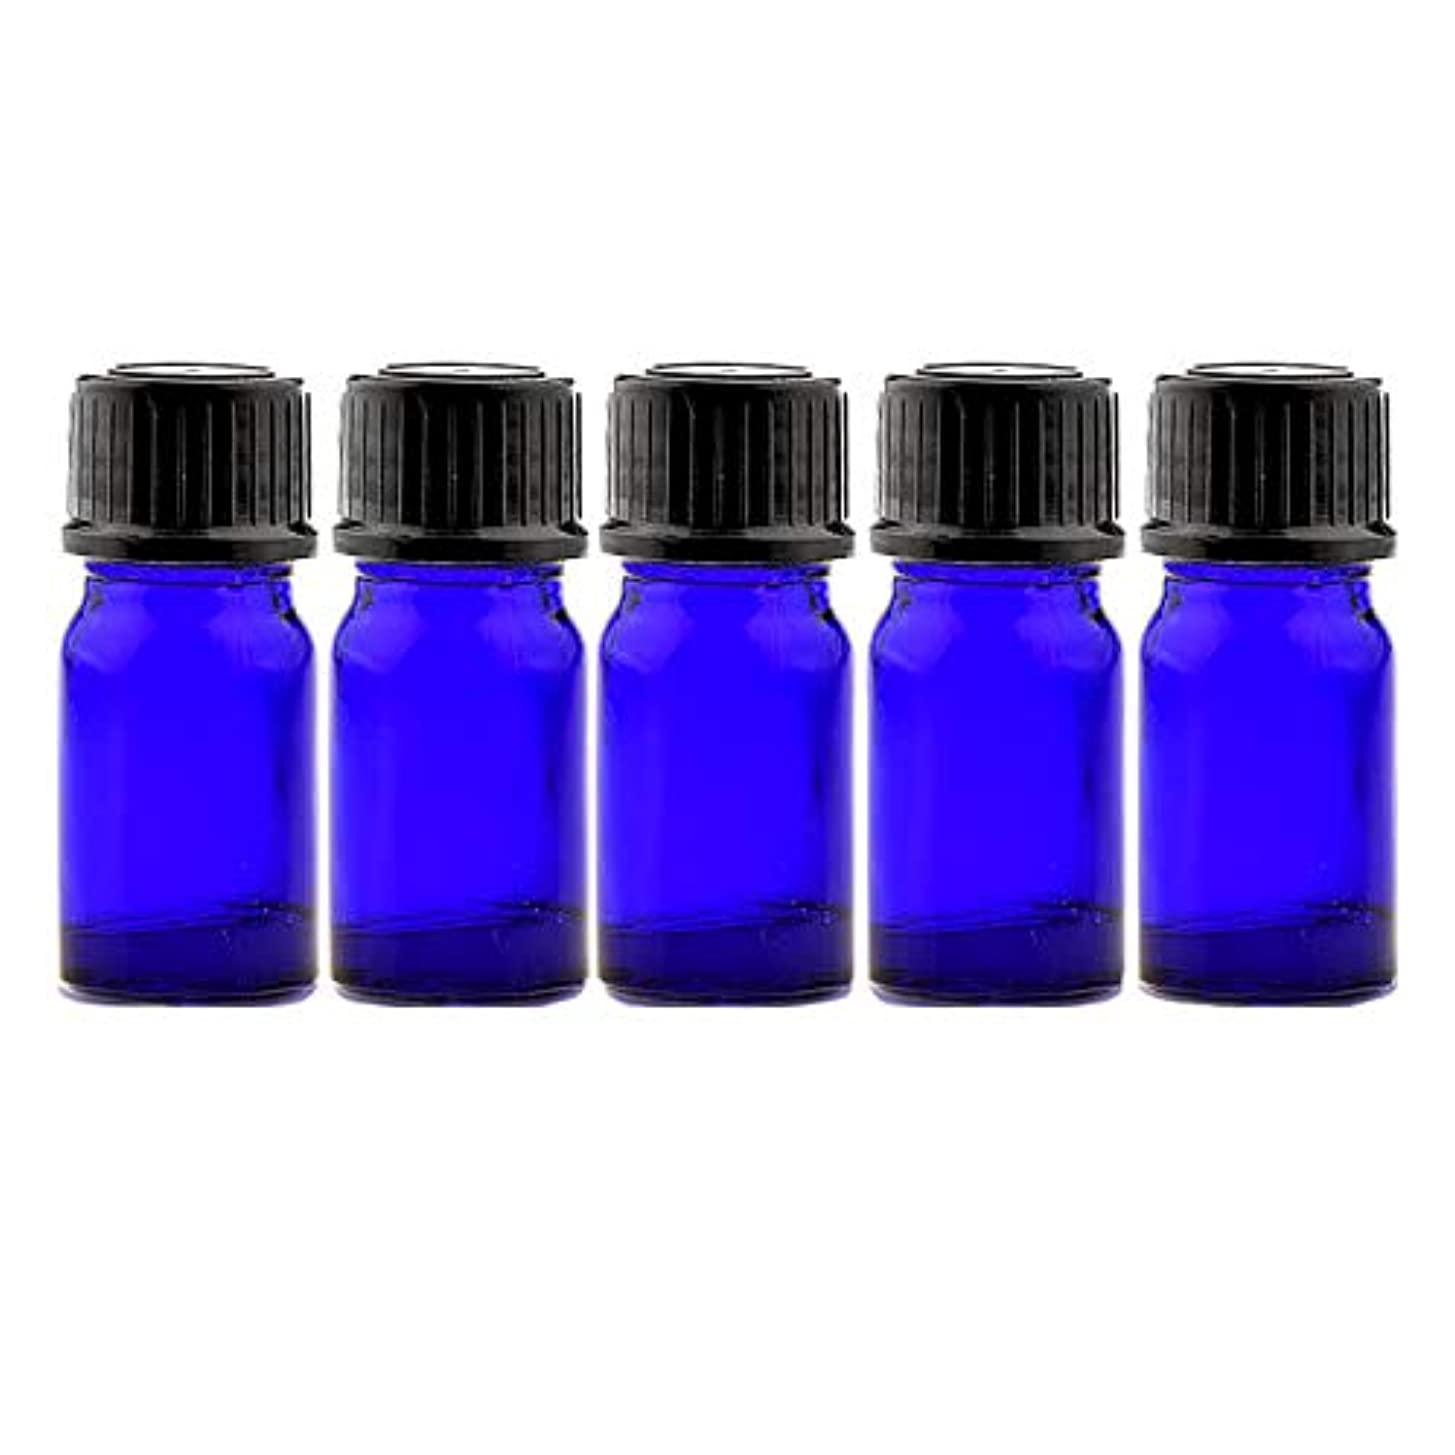 寄付分析的保存するNAGOMI AROMA遮光ビン 5ml(ブルー) 5本セット 黒キャップ&ヴァーティカルドロッパー